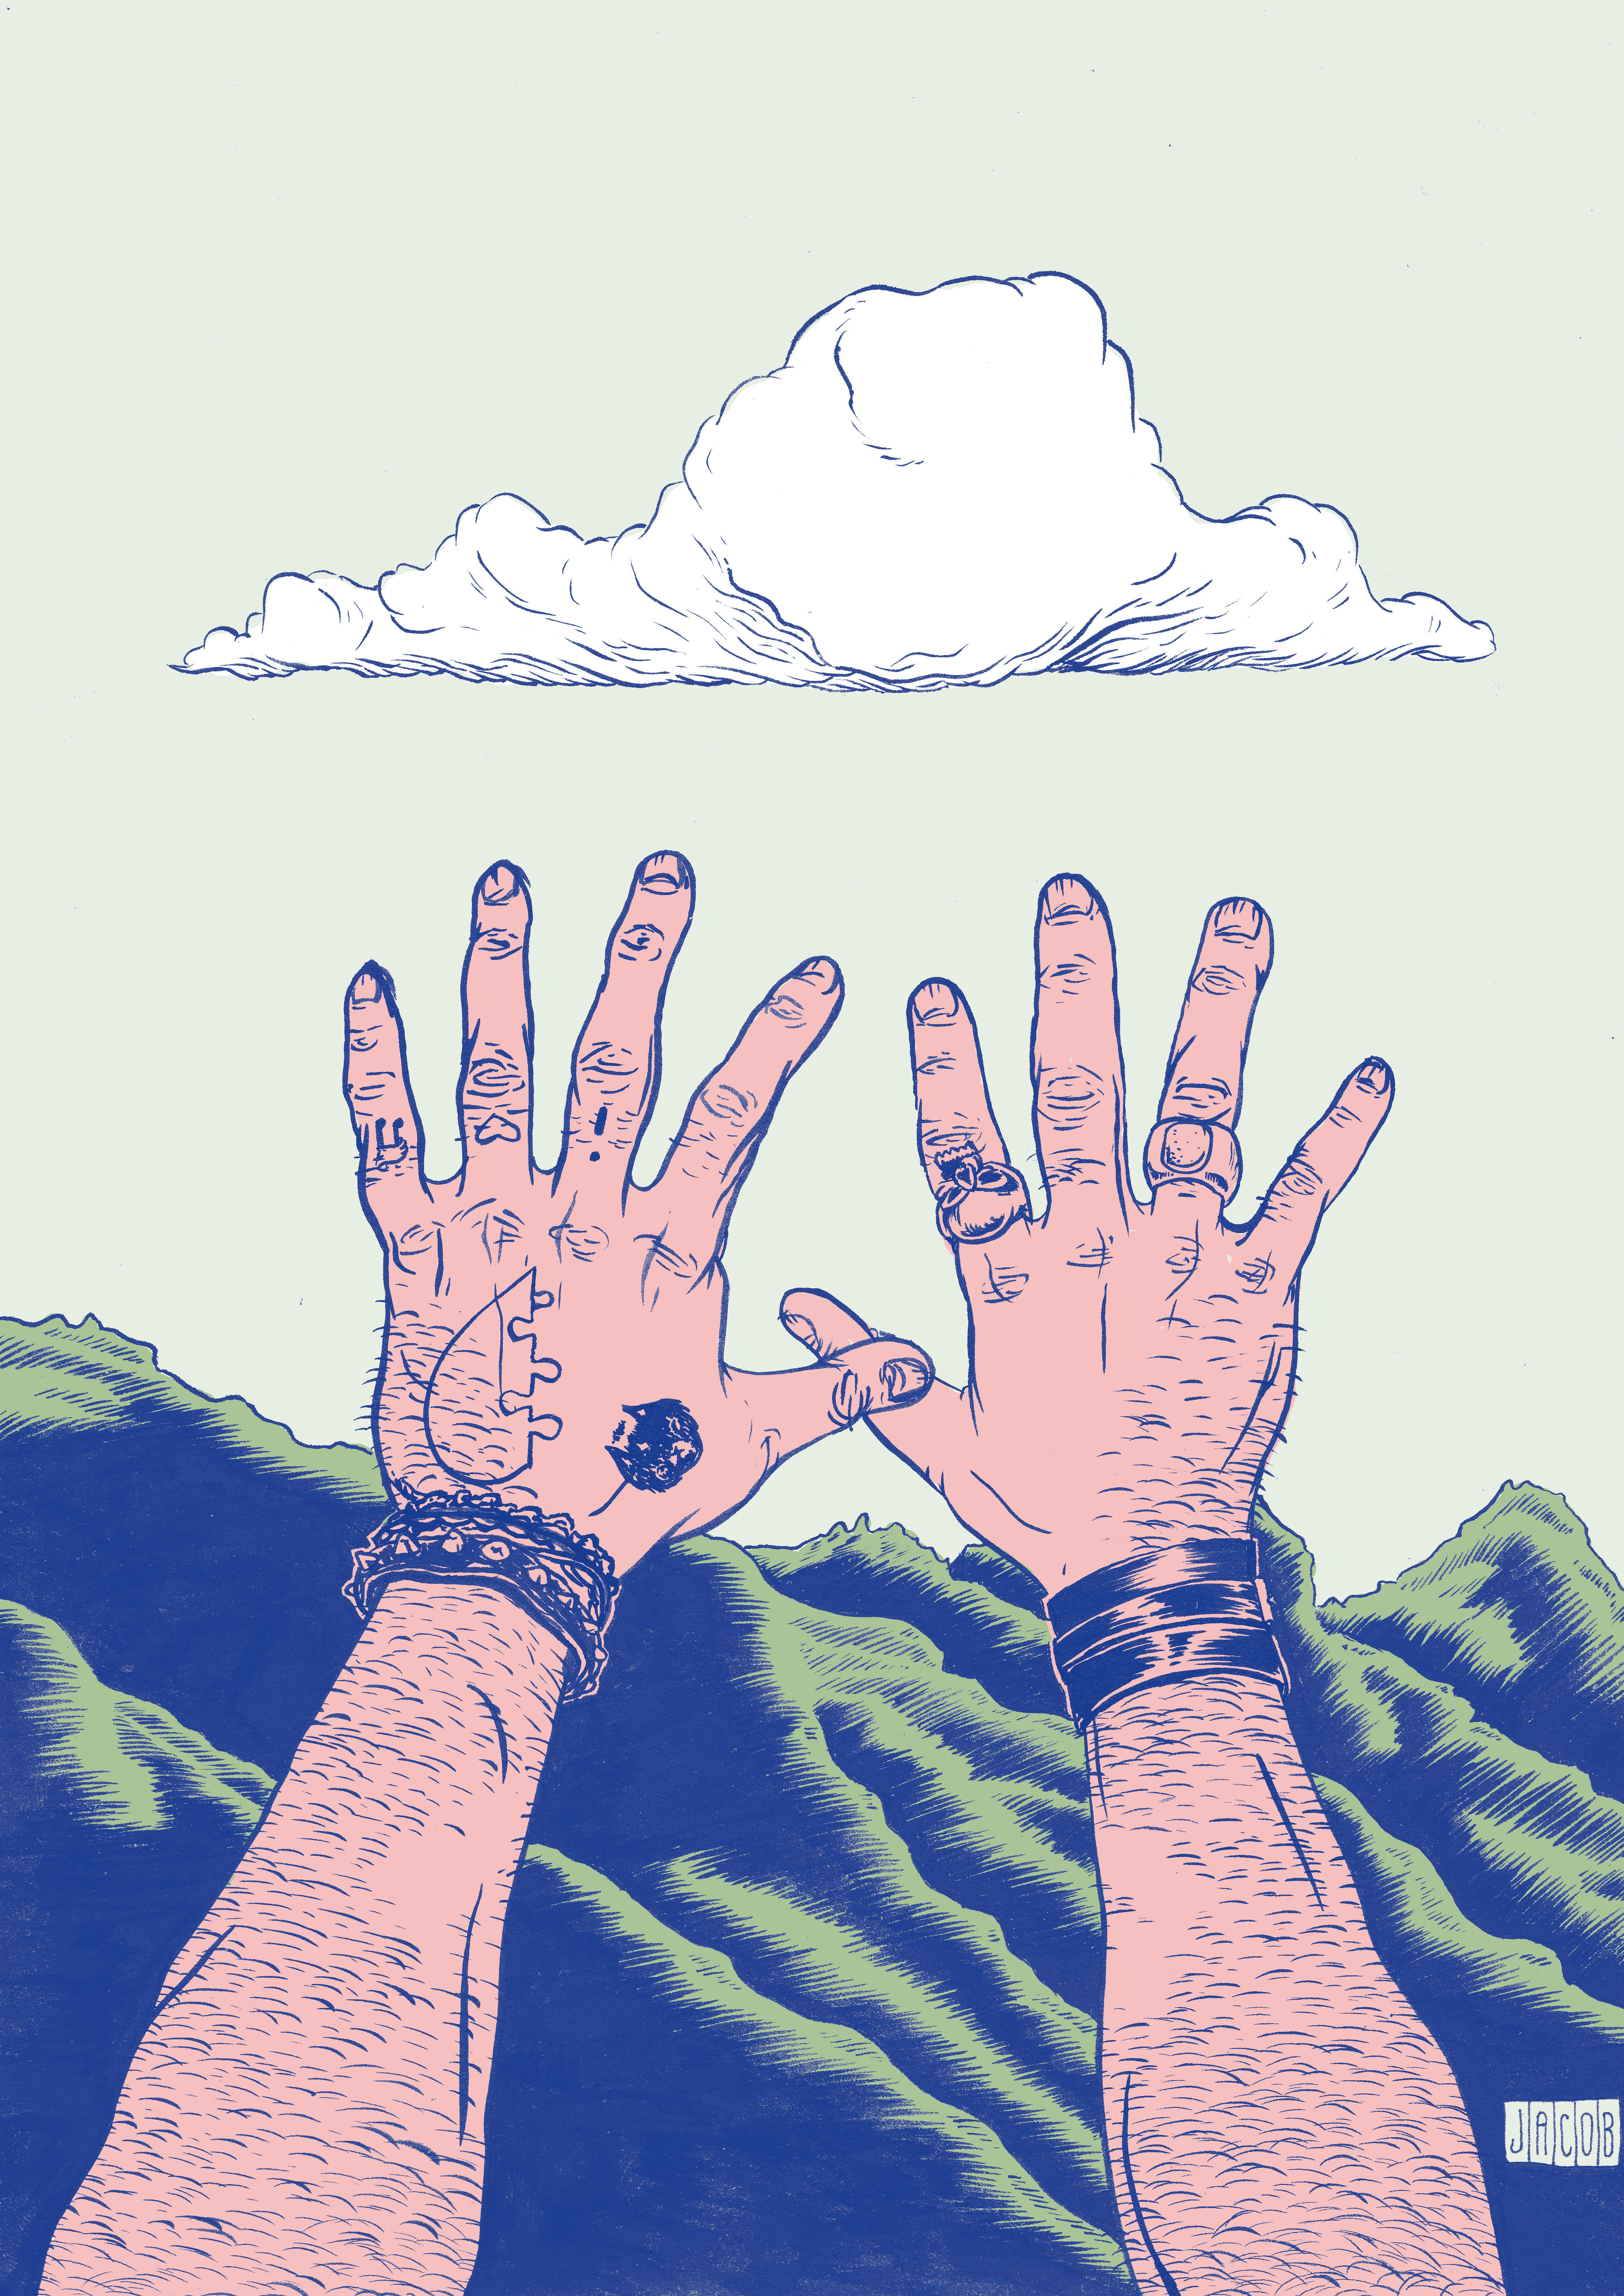 Joe's hands